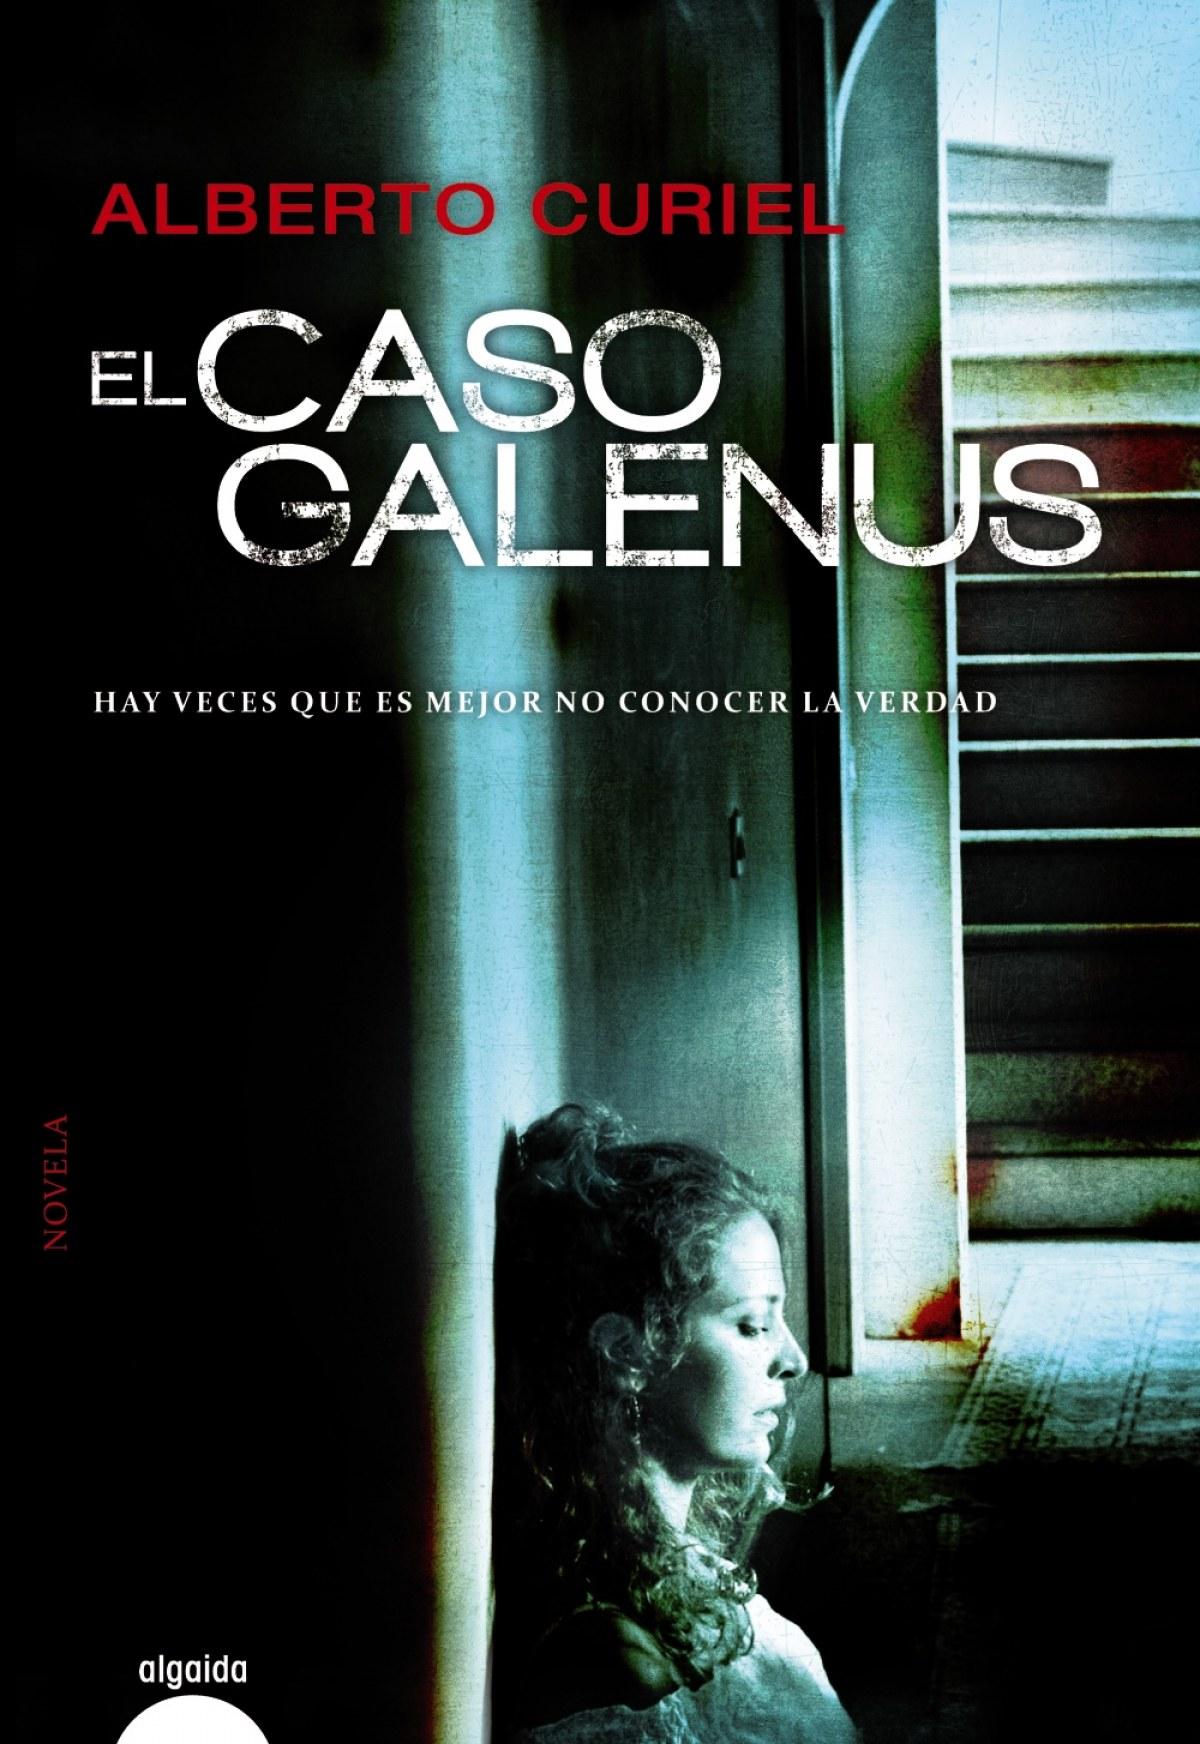 El caso galenus 9788490671207